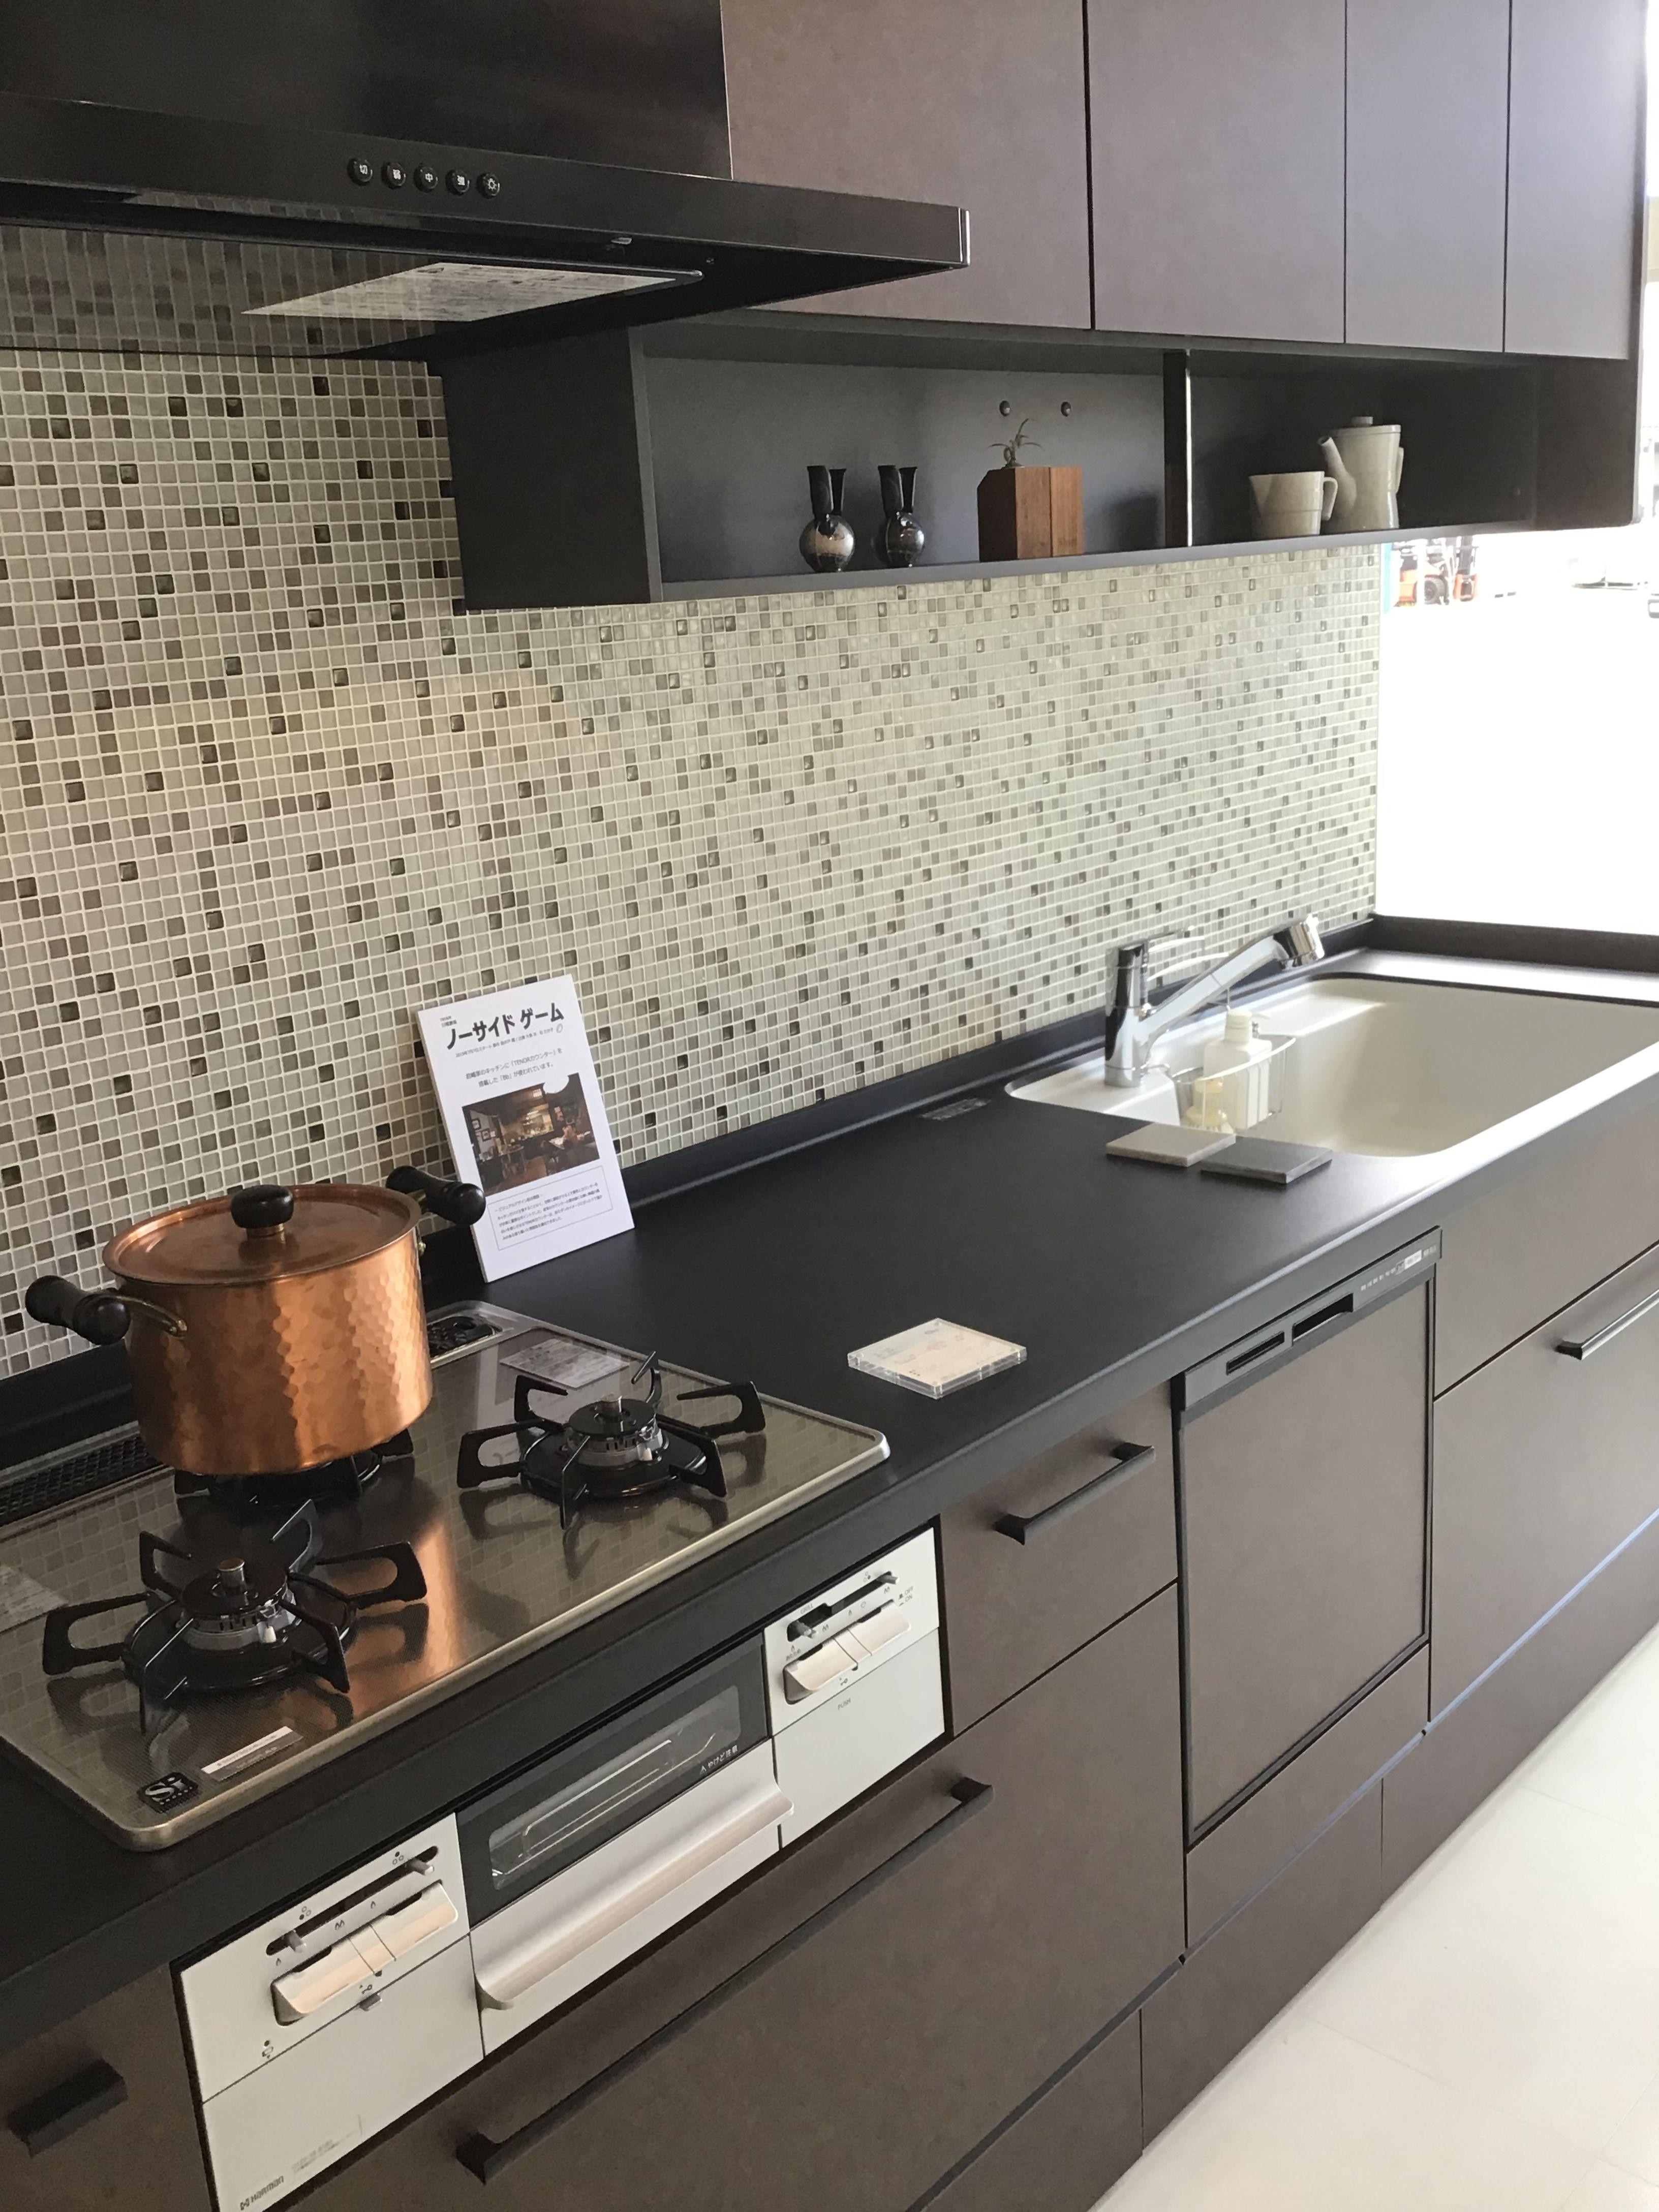 キッチン トクラス Bb サンドブラック キッチン間取り キッチンインテリアデザイン リビング キッチン